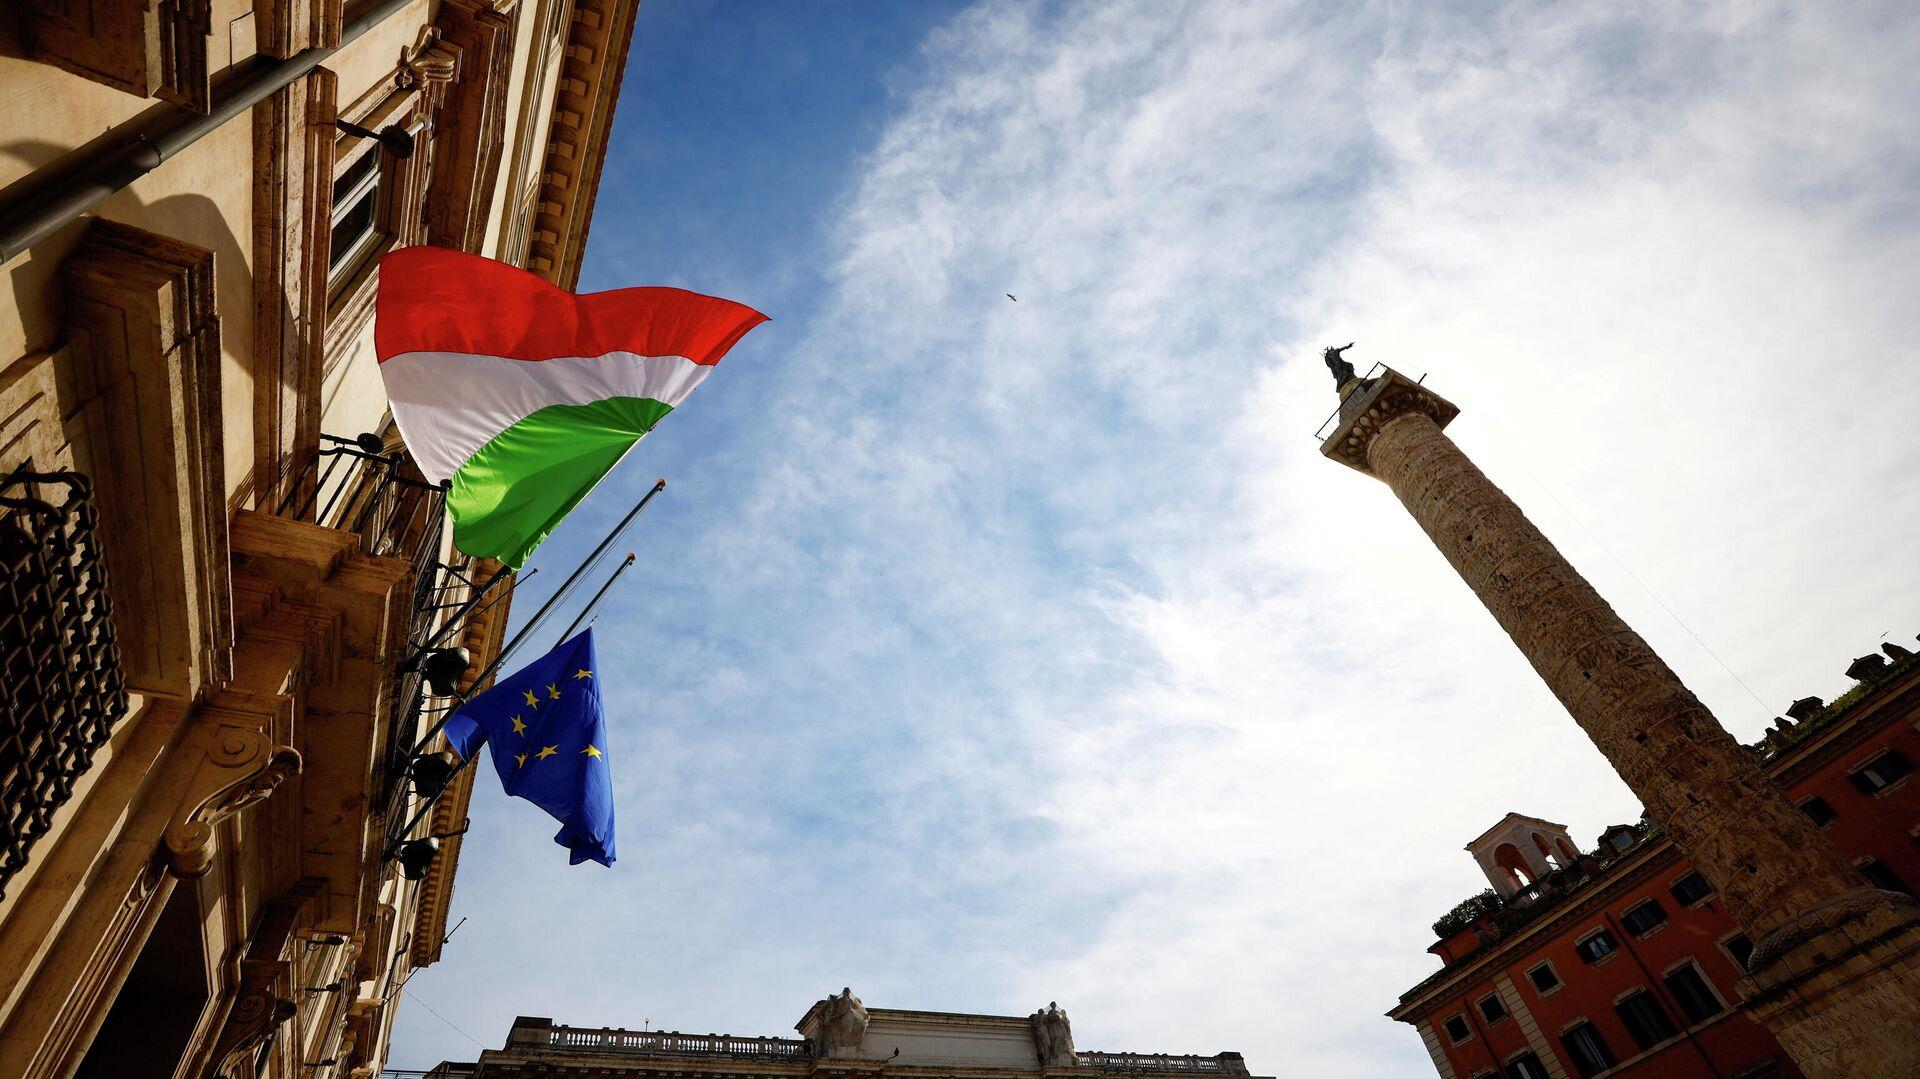 Banderas izadas el primer Día de la memoria de las víctimas del COVID-19 - Sputnik Mundo, 1920, 18.03.2021